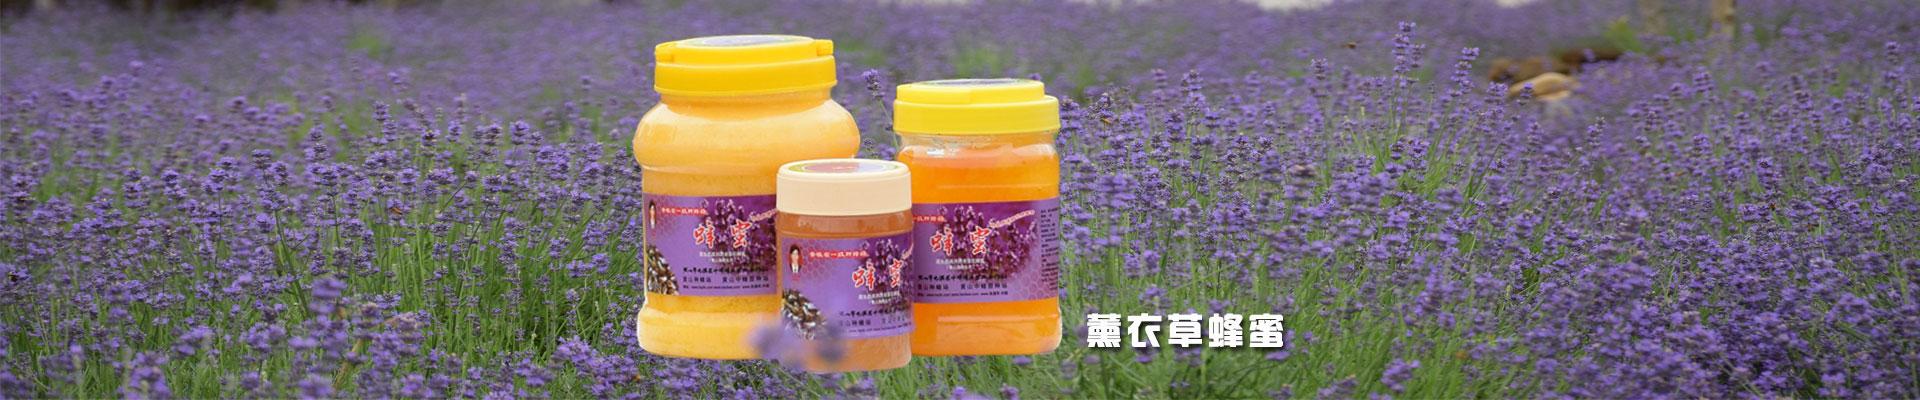 薰衣草蜂蜜